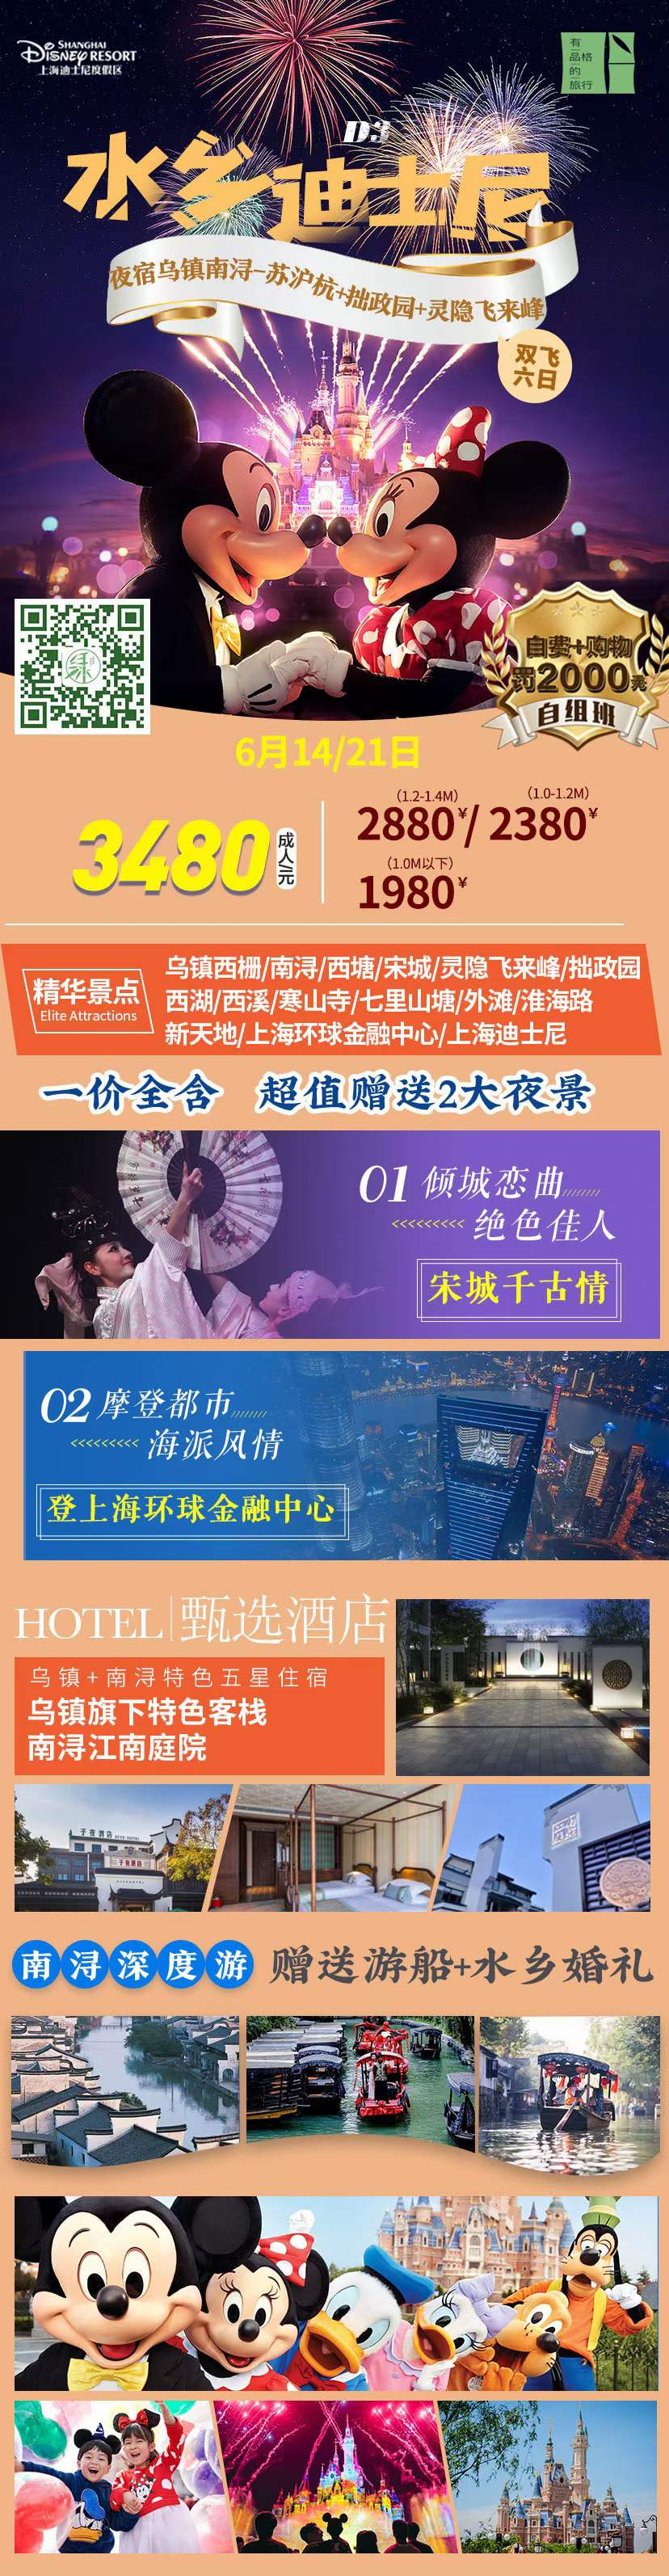 华东精华双飞6日